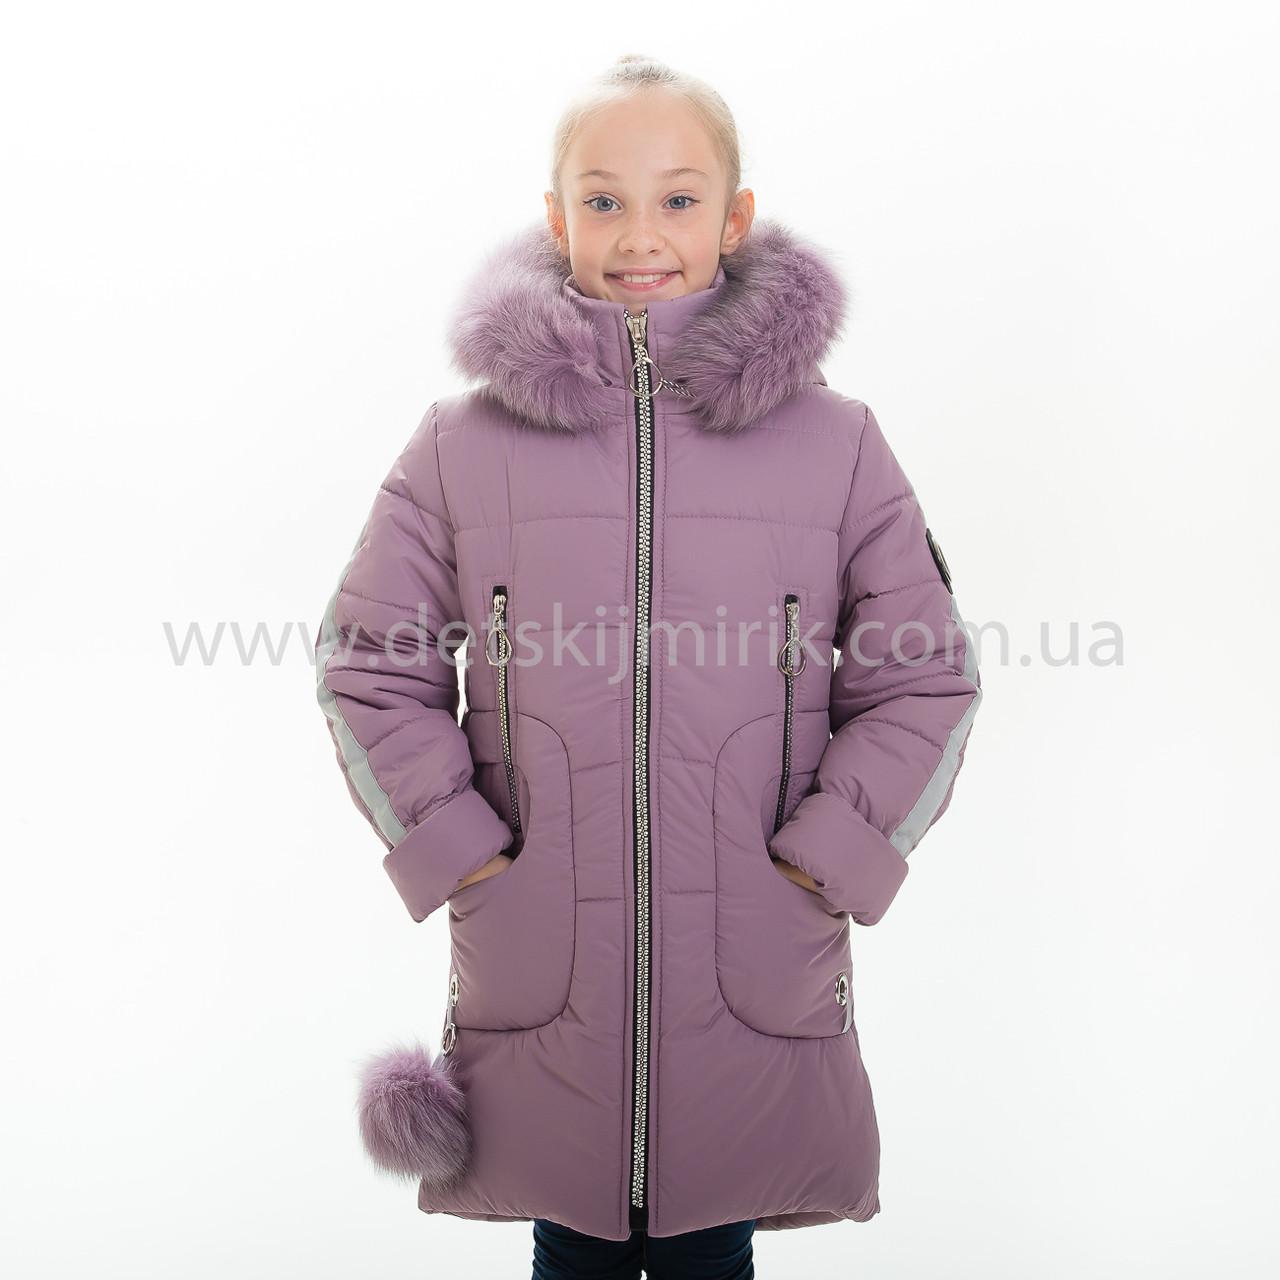 3ea94b3aeb9 Зимняя куртка для девочки